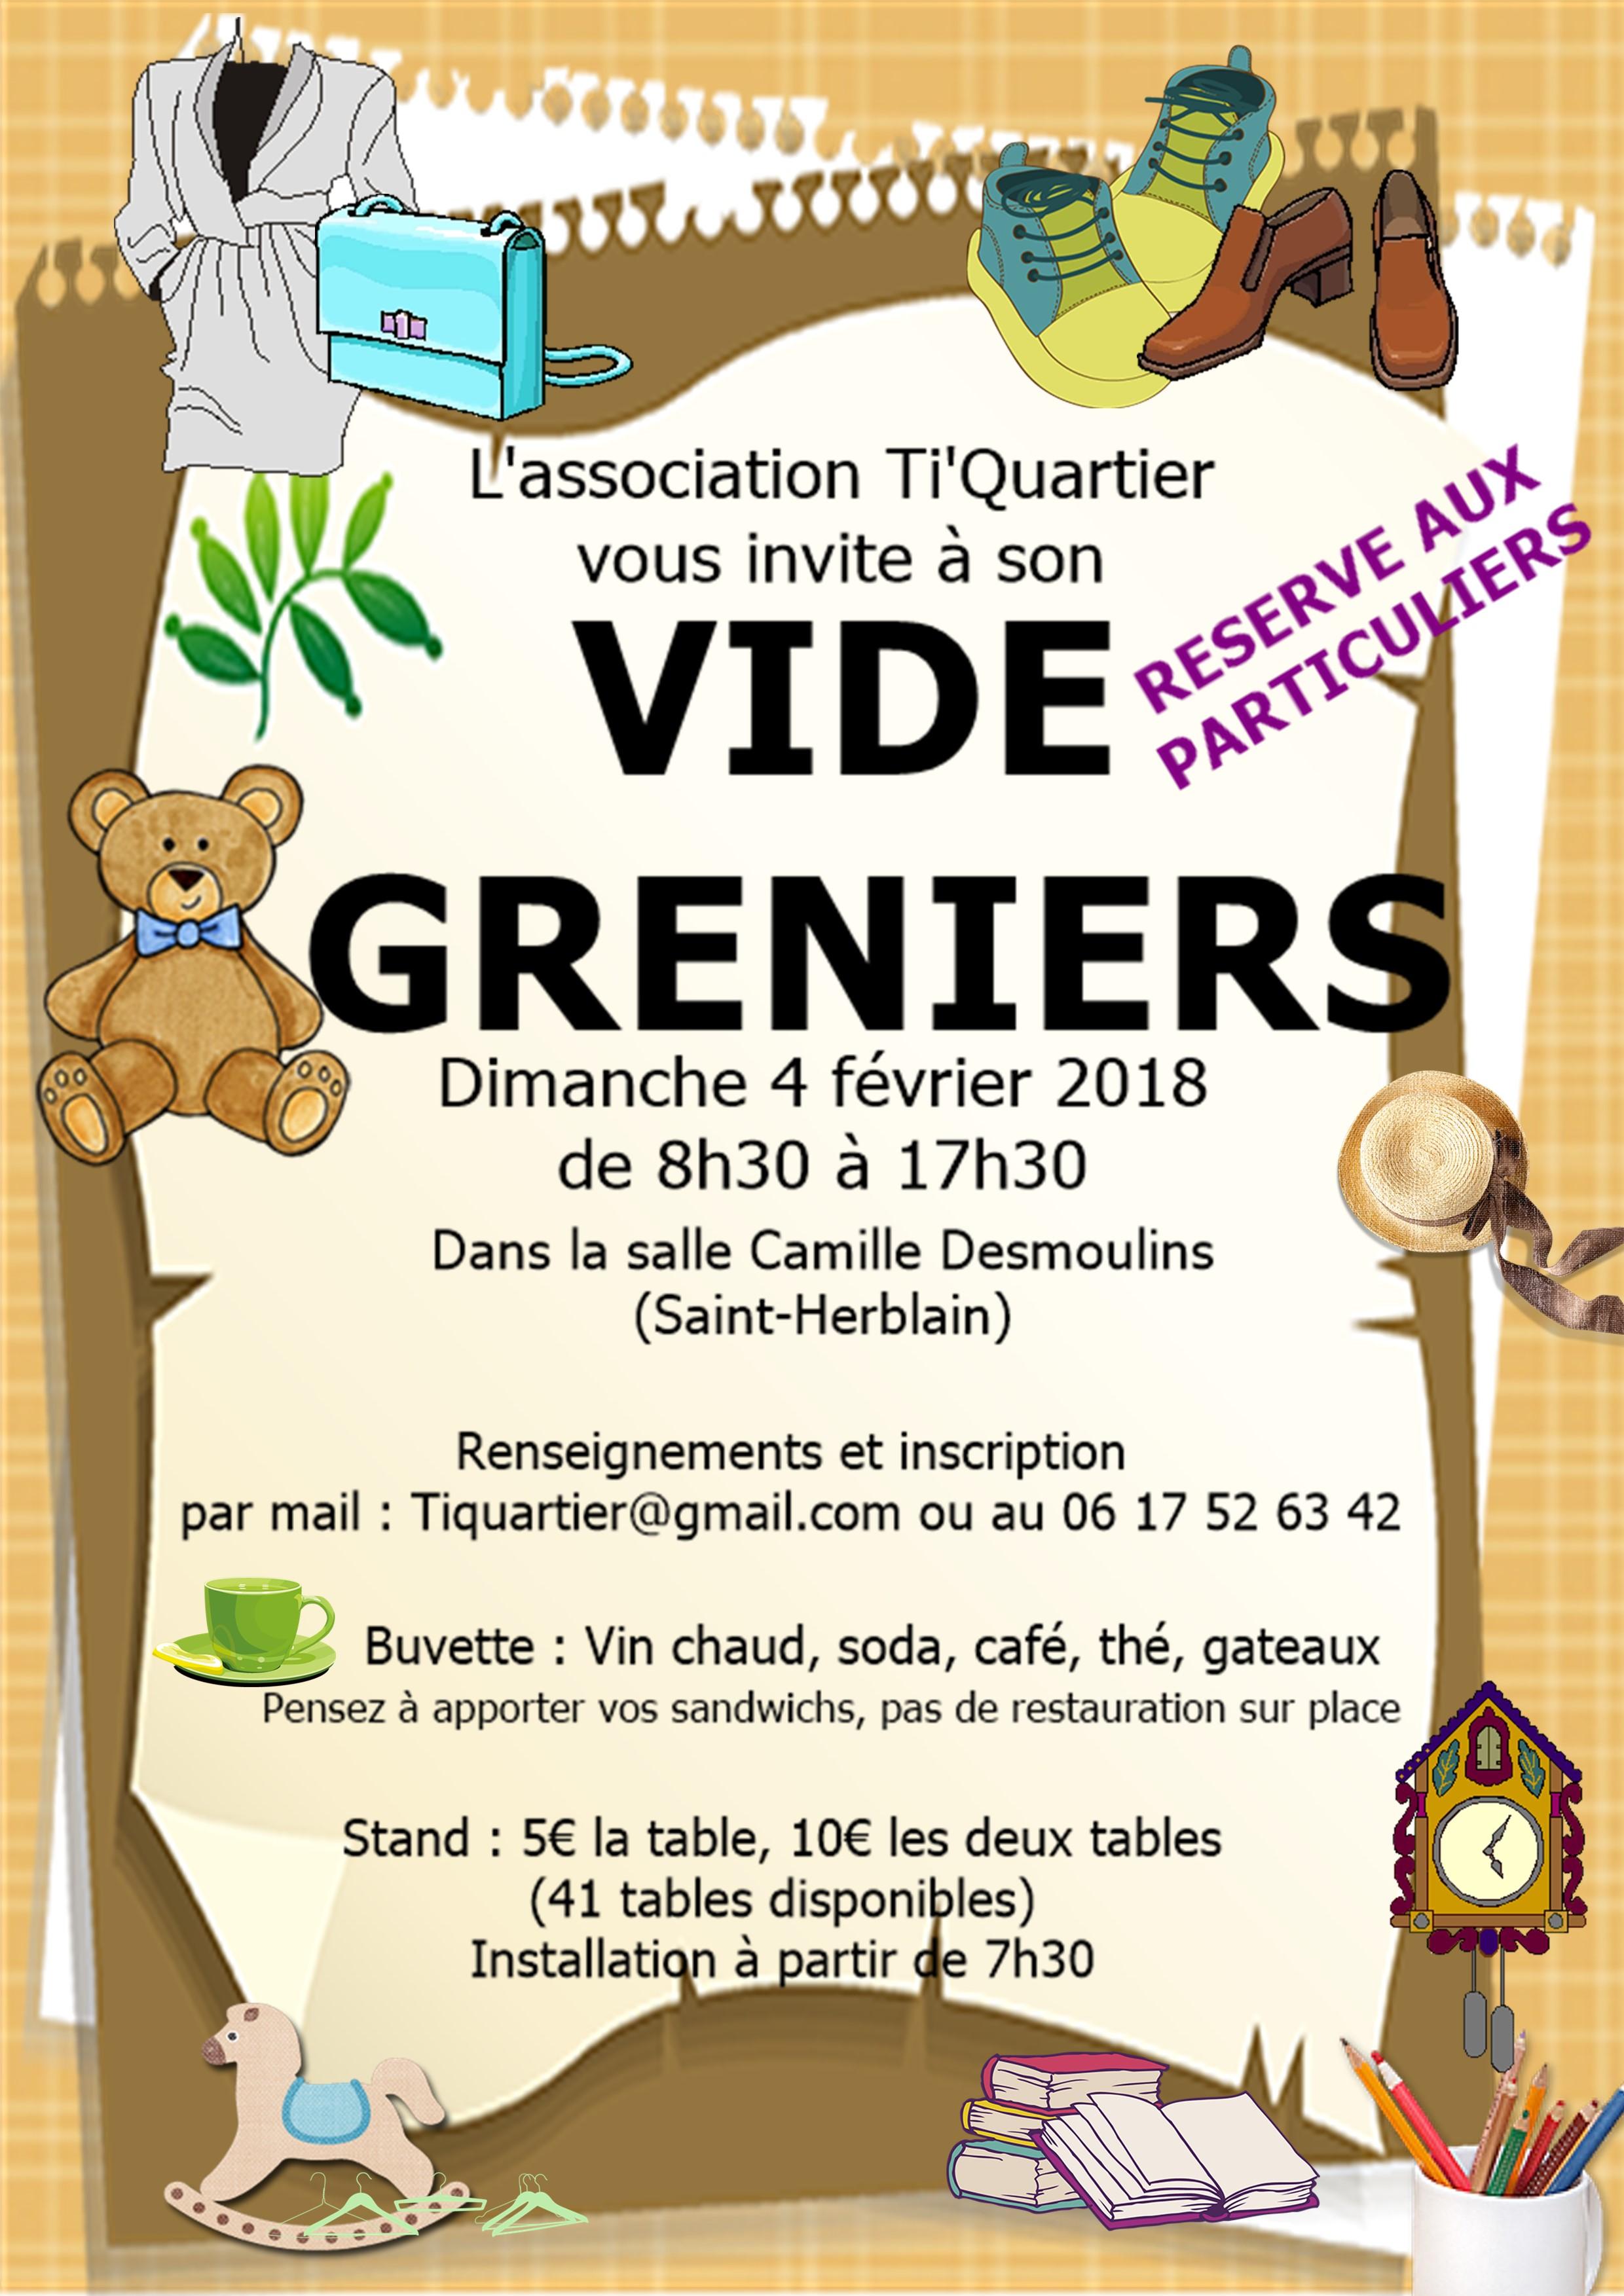 Vide Greniers du Ti'Quartier @ Salle Camille Desmoulins | Saint-Herblain | Pays de la Loire | France